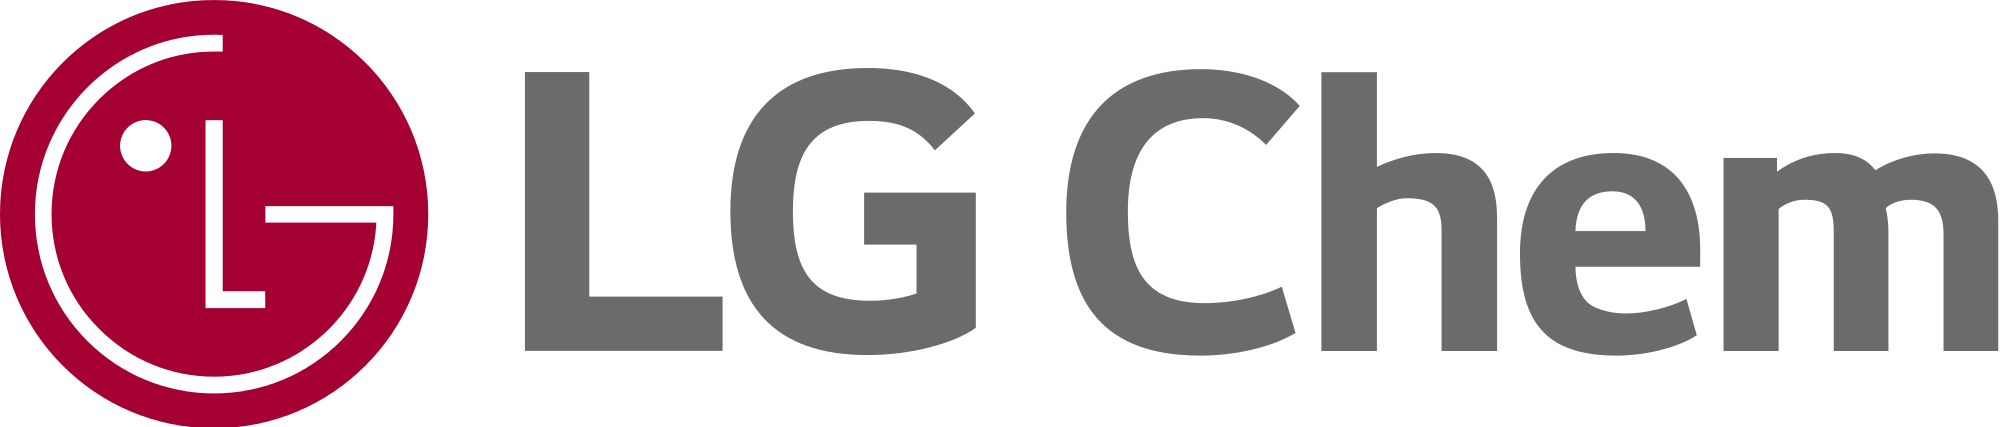 LG_Chem_logo